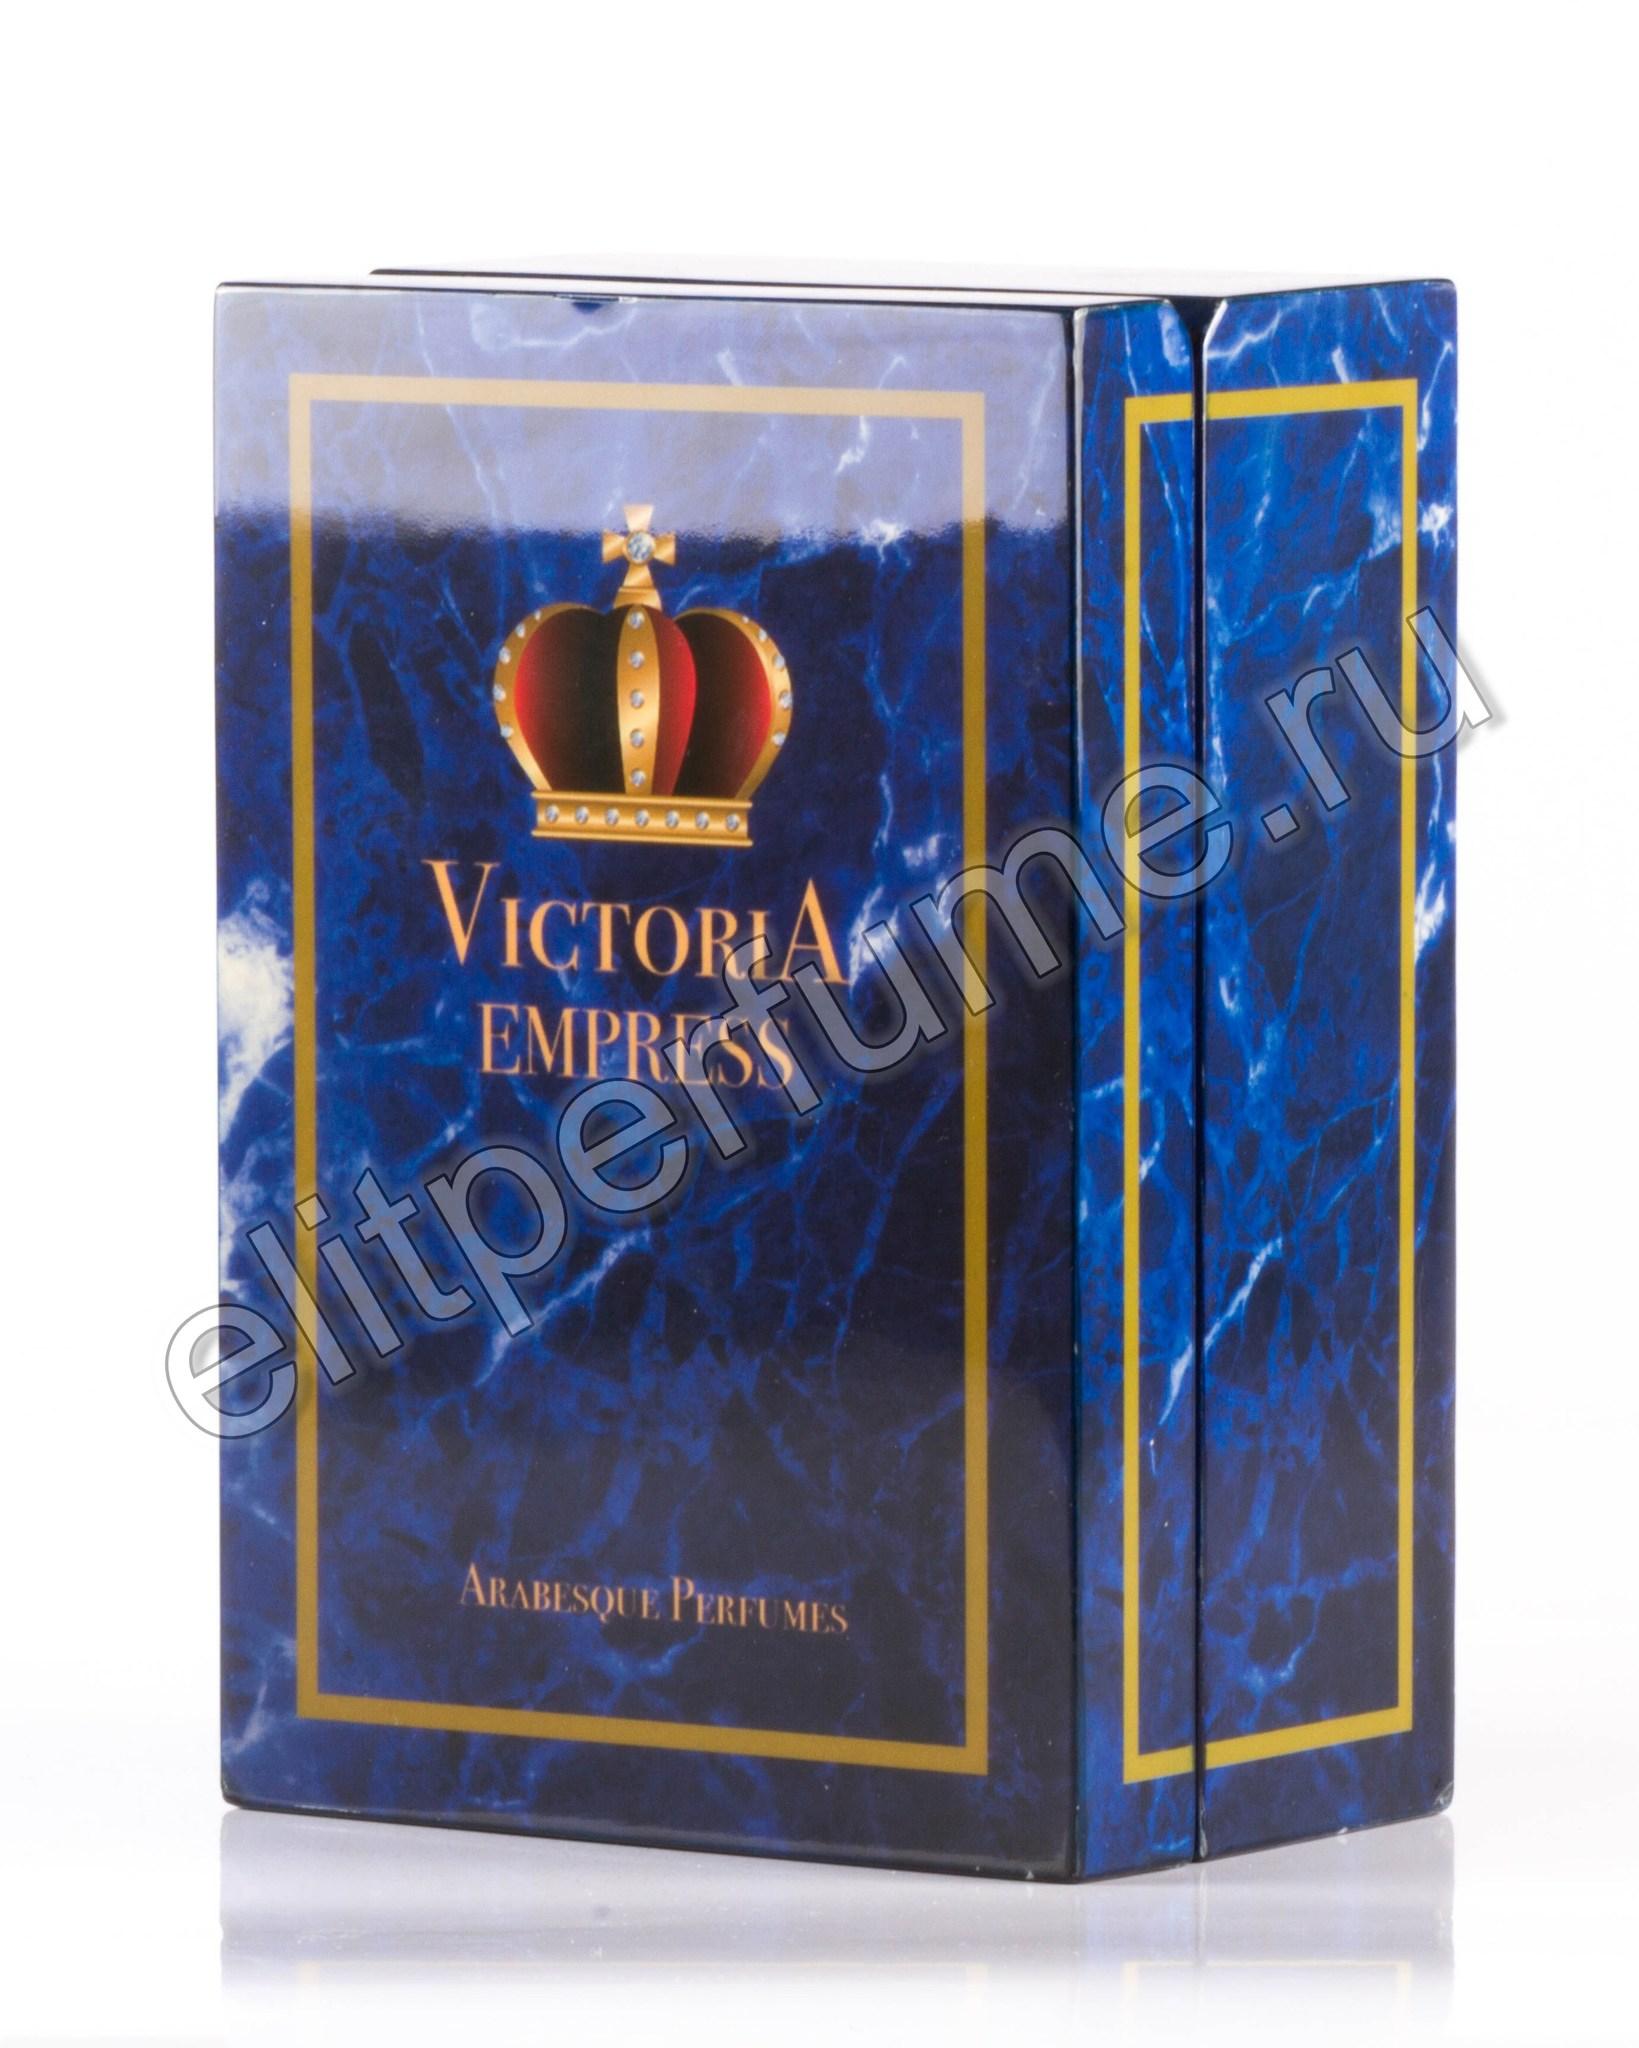 Victoria Empress  Императрица Виктория 9 мл арабские масляные духи от Арабеск Парфюм Arabesque Perfumes